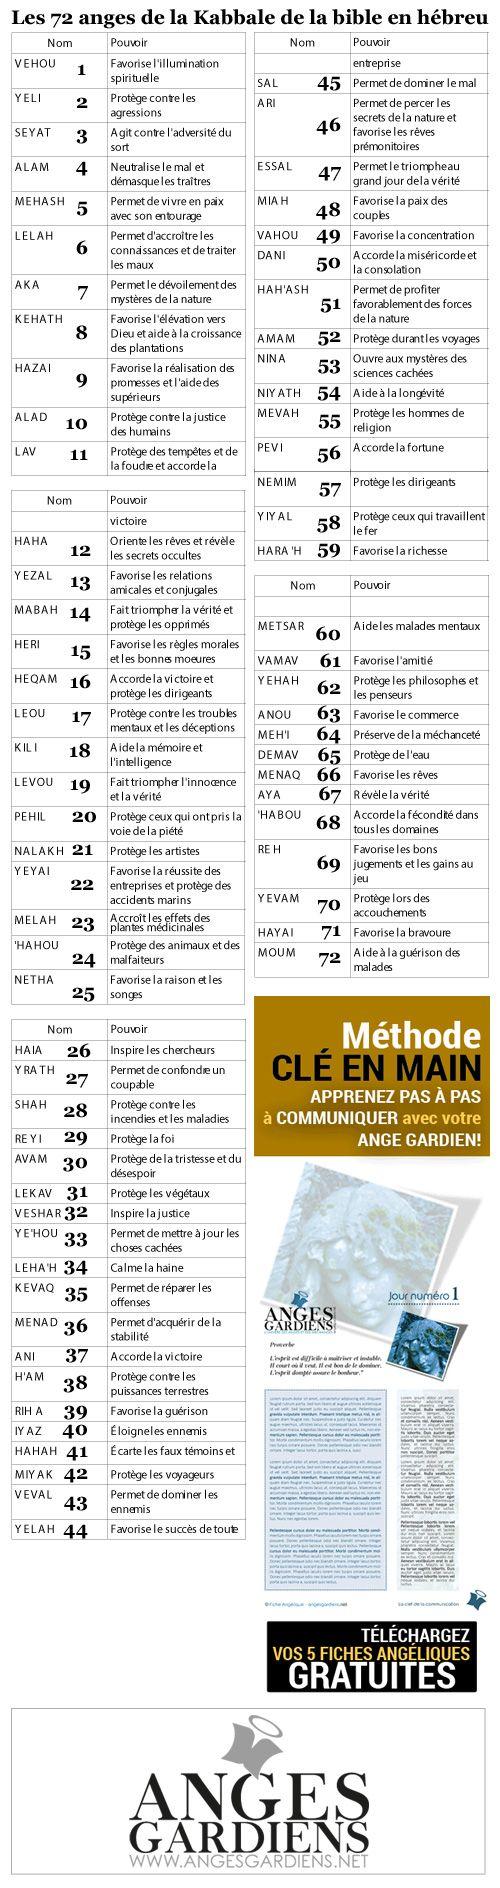 Les 72 Anges De La Kabbale : anges, kabbale, Montage-72-anges-de-la-kabbale-hebreu-bible-2016, Anges,, Kabbale,, Kabbale